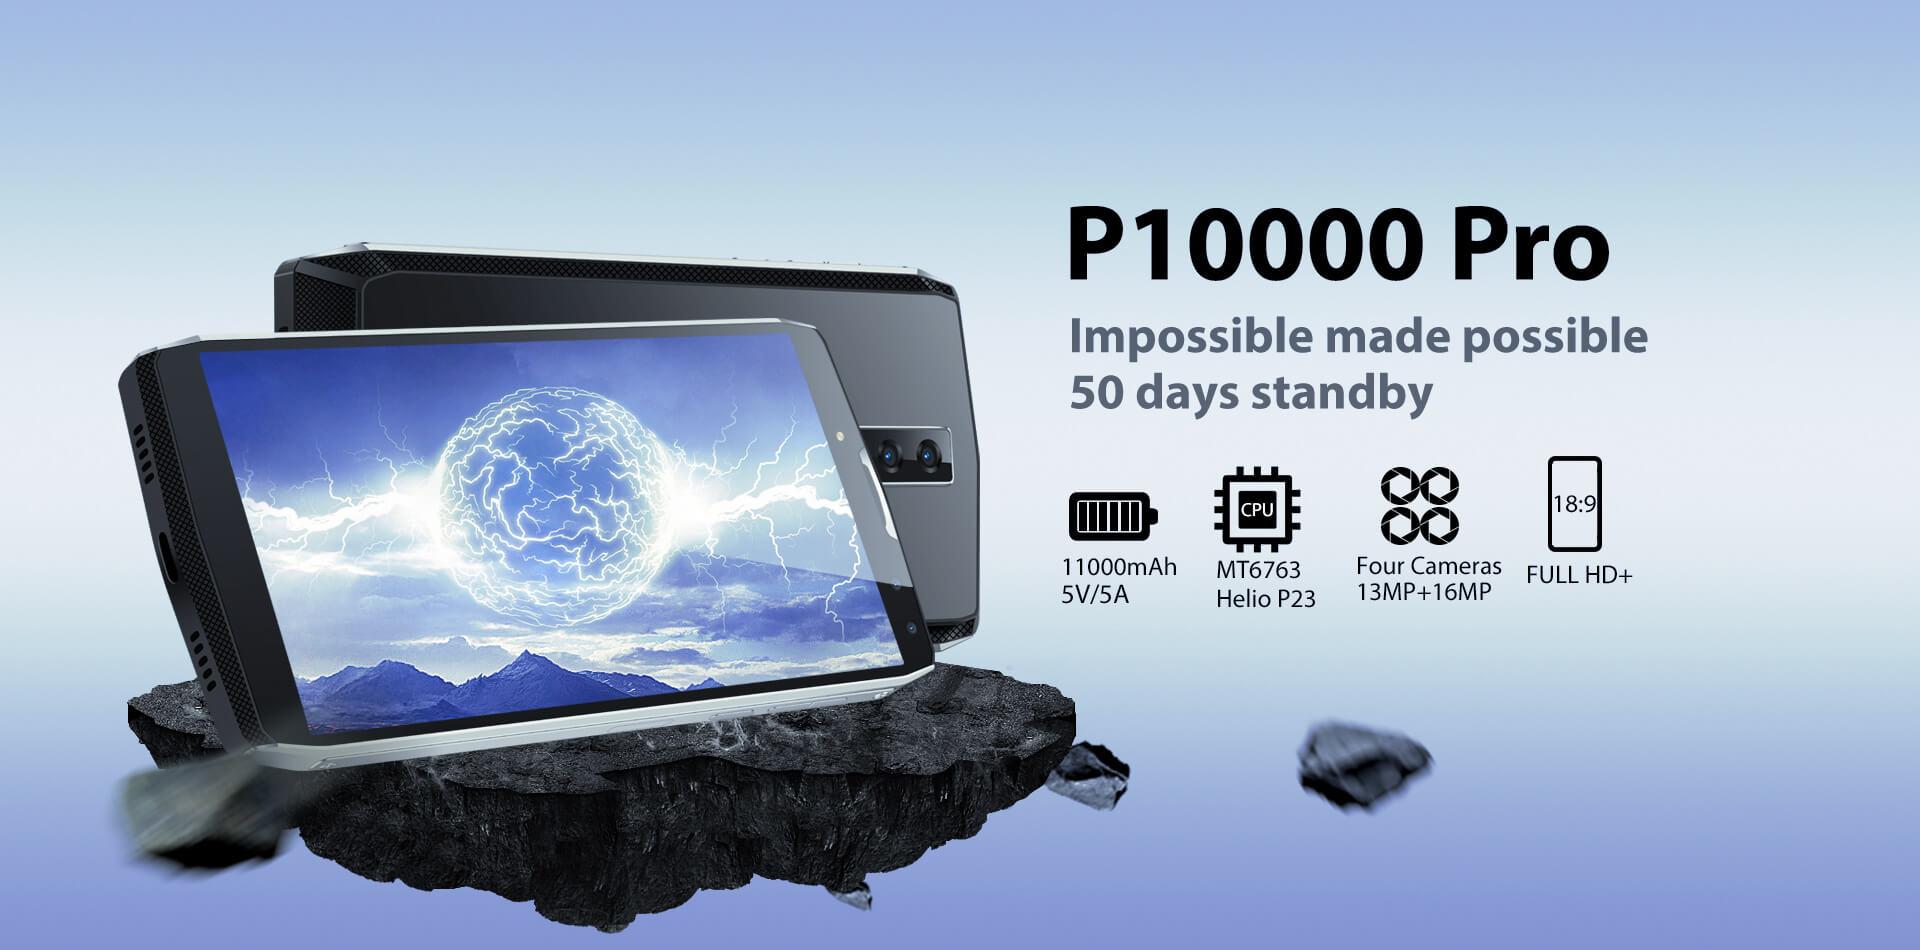 Blackview P10000 Pro : sa technologie de recharge rapide est-elle sécurisée ?